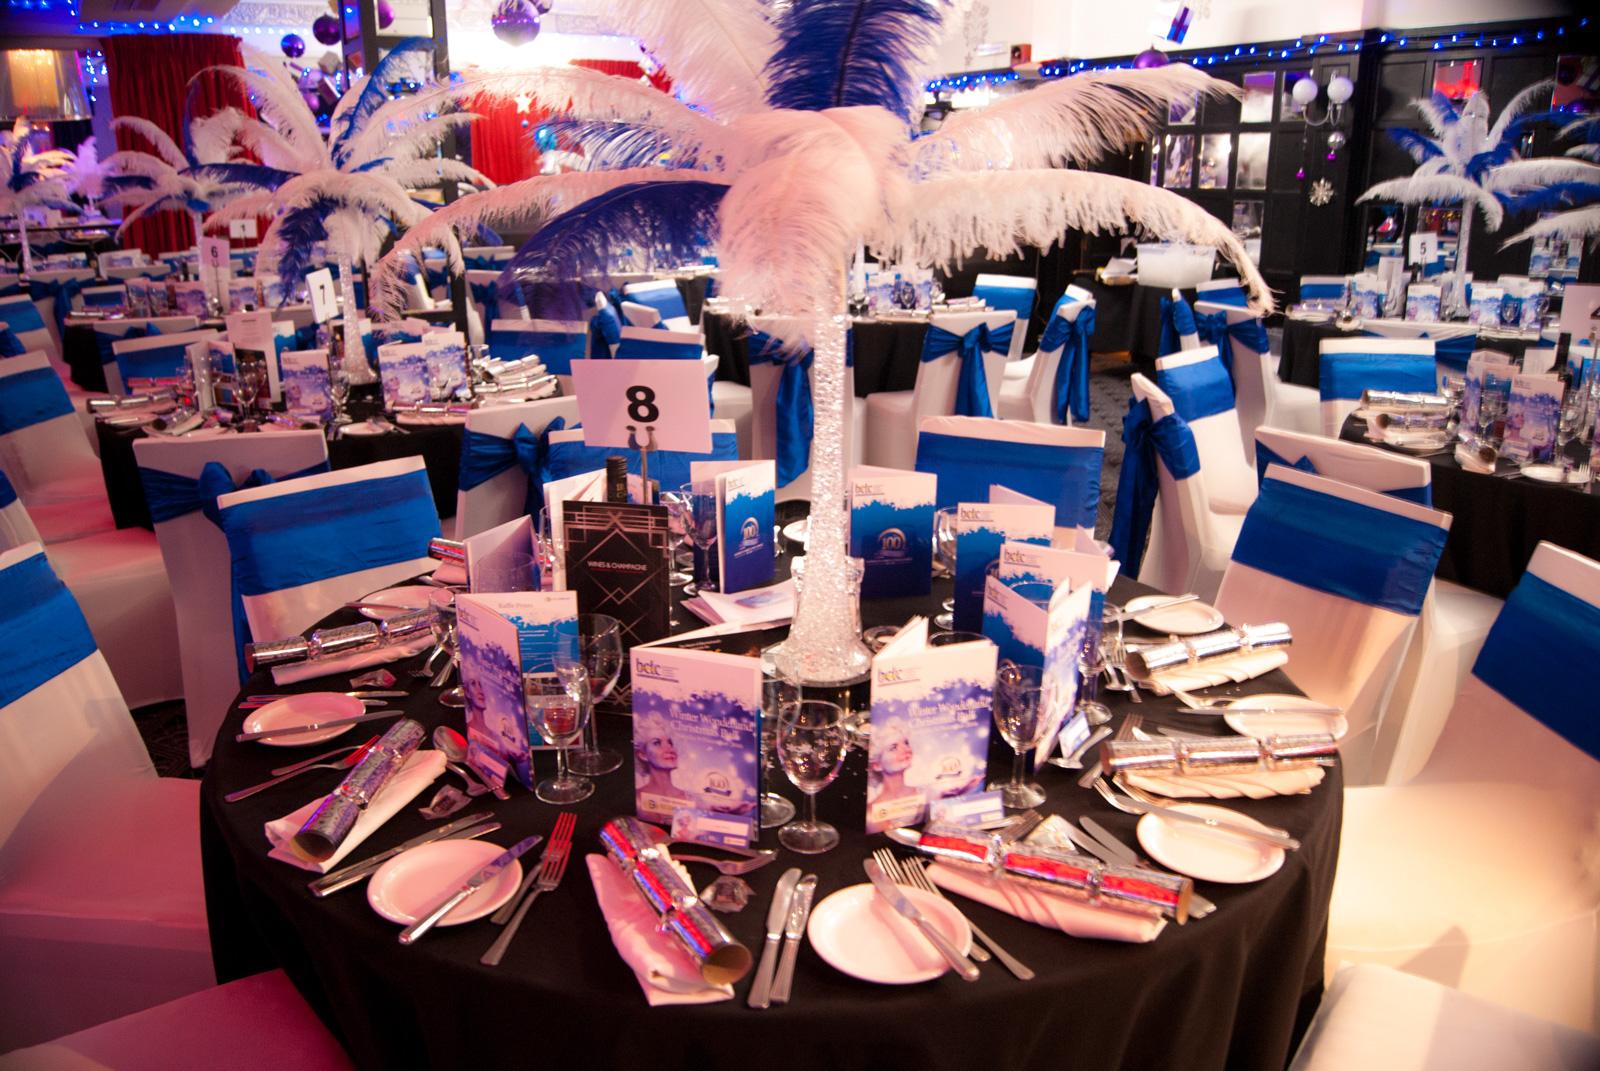 Cumberland Hotel Corporate Event